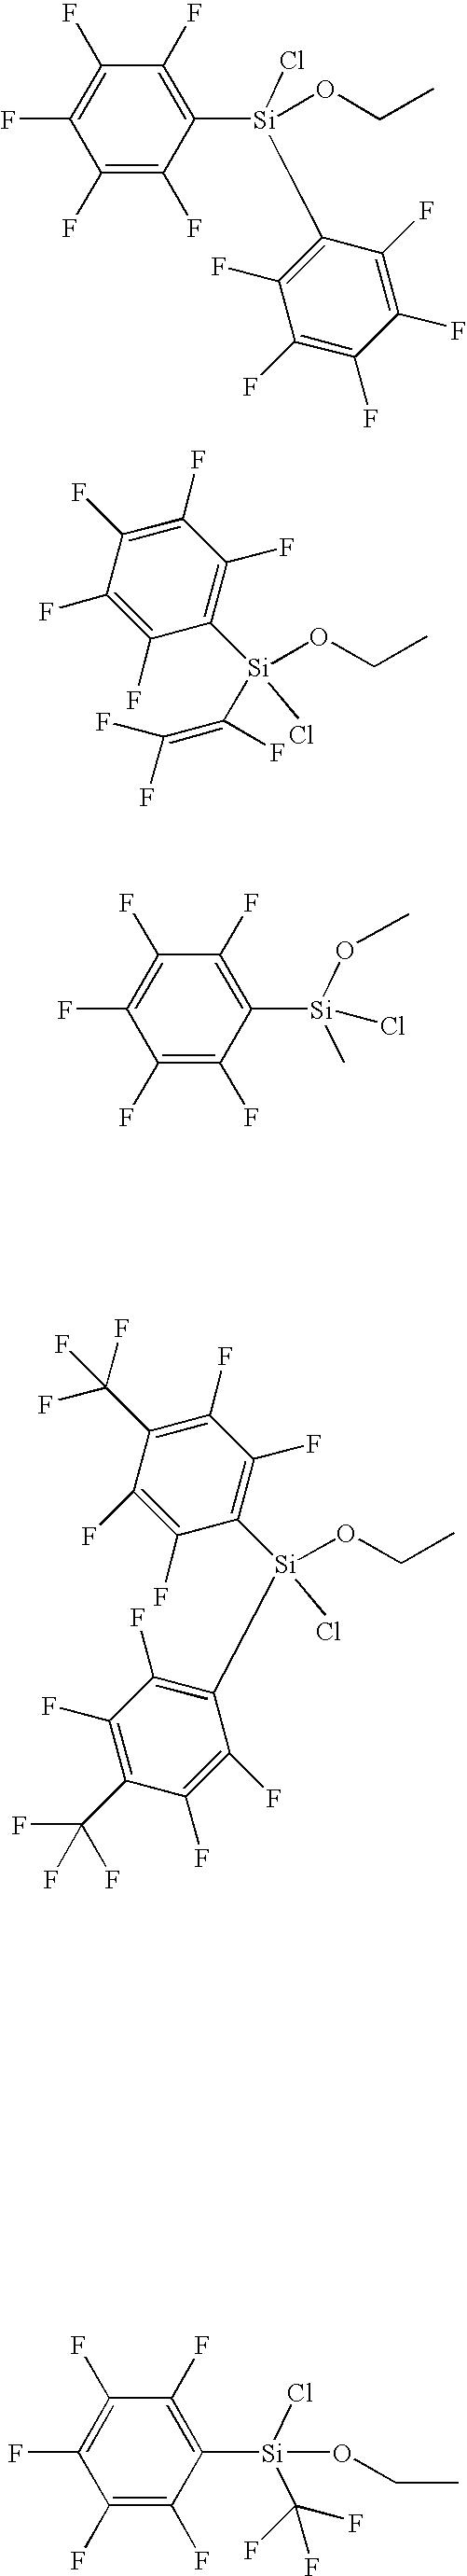 Figure US20030231851A1-20031218-C00012